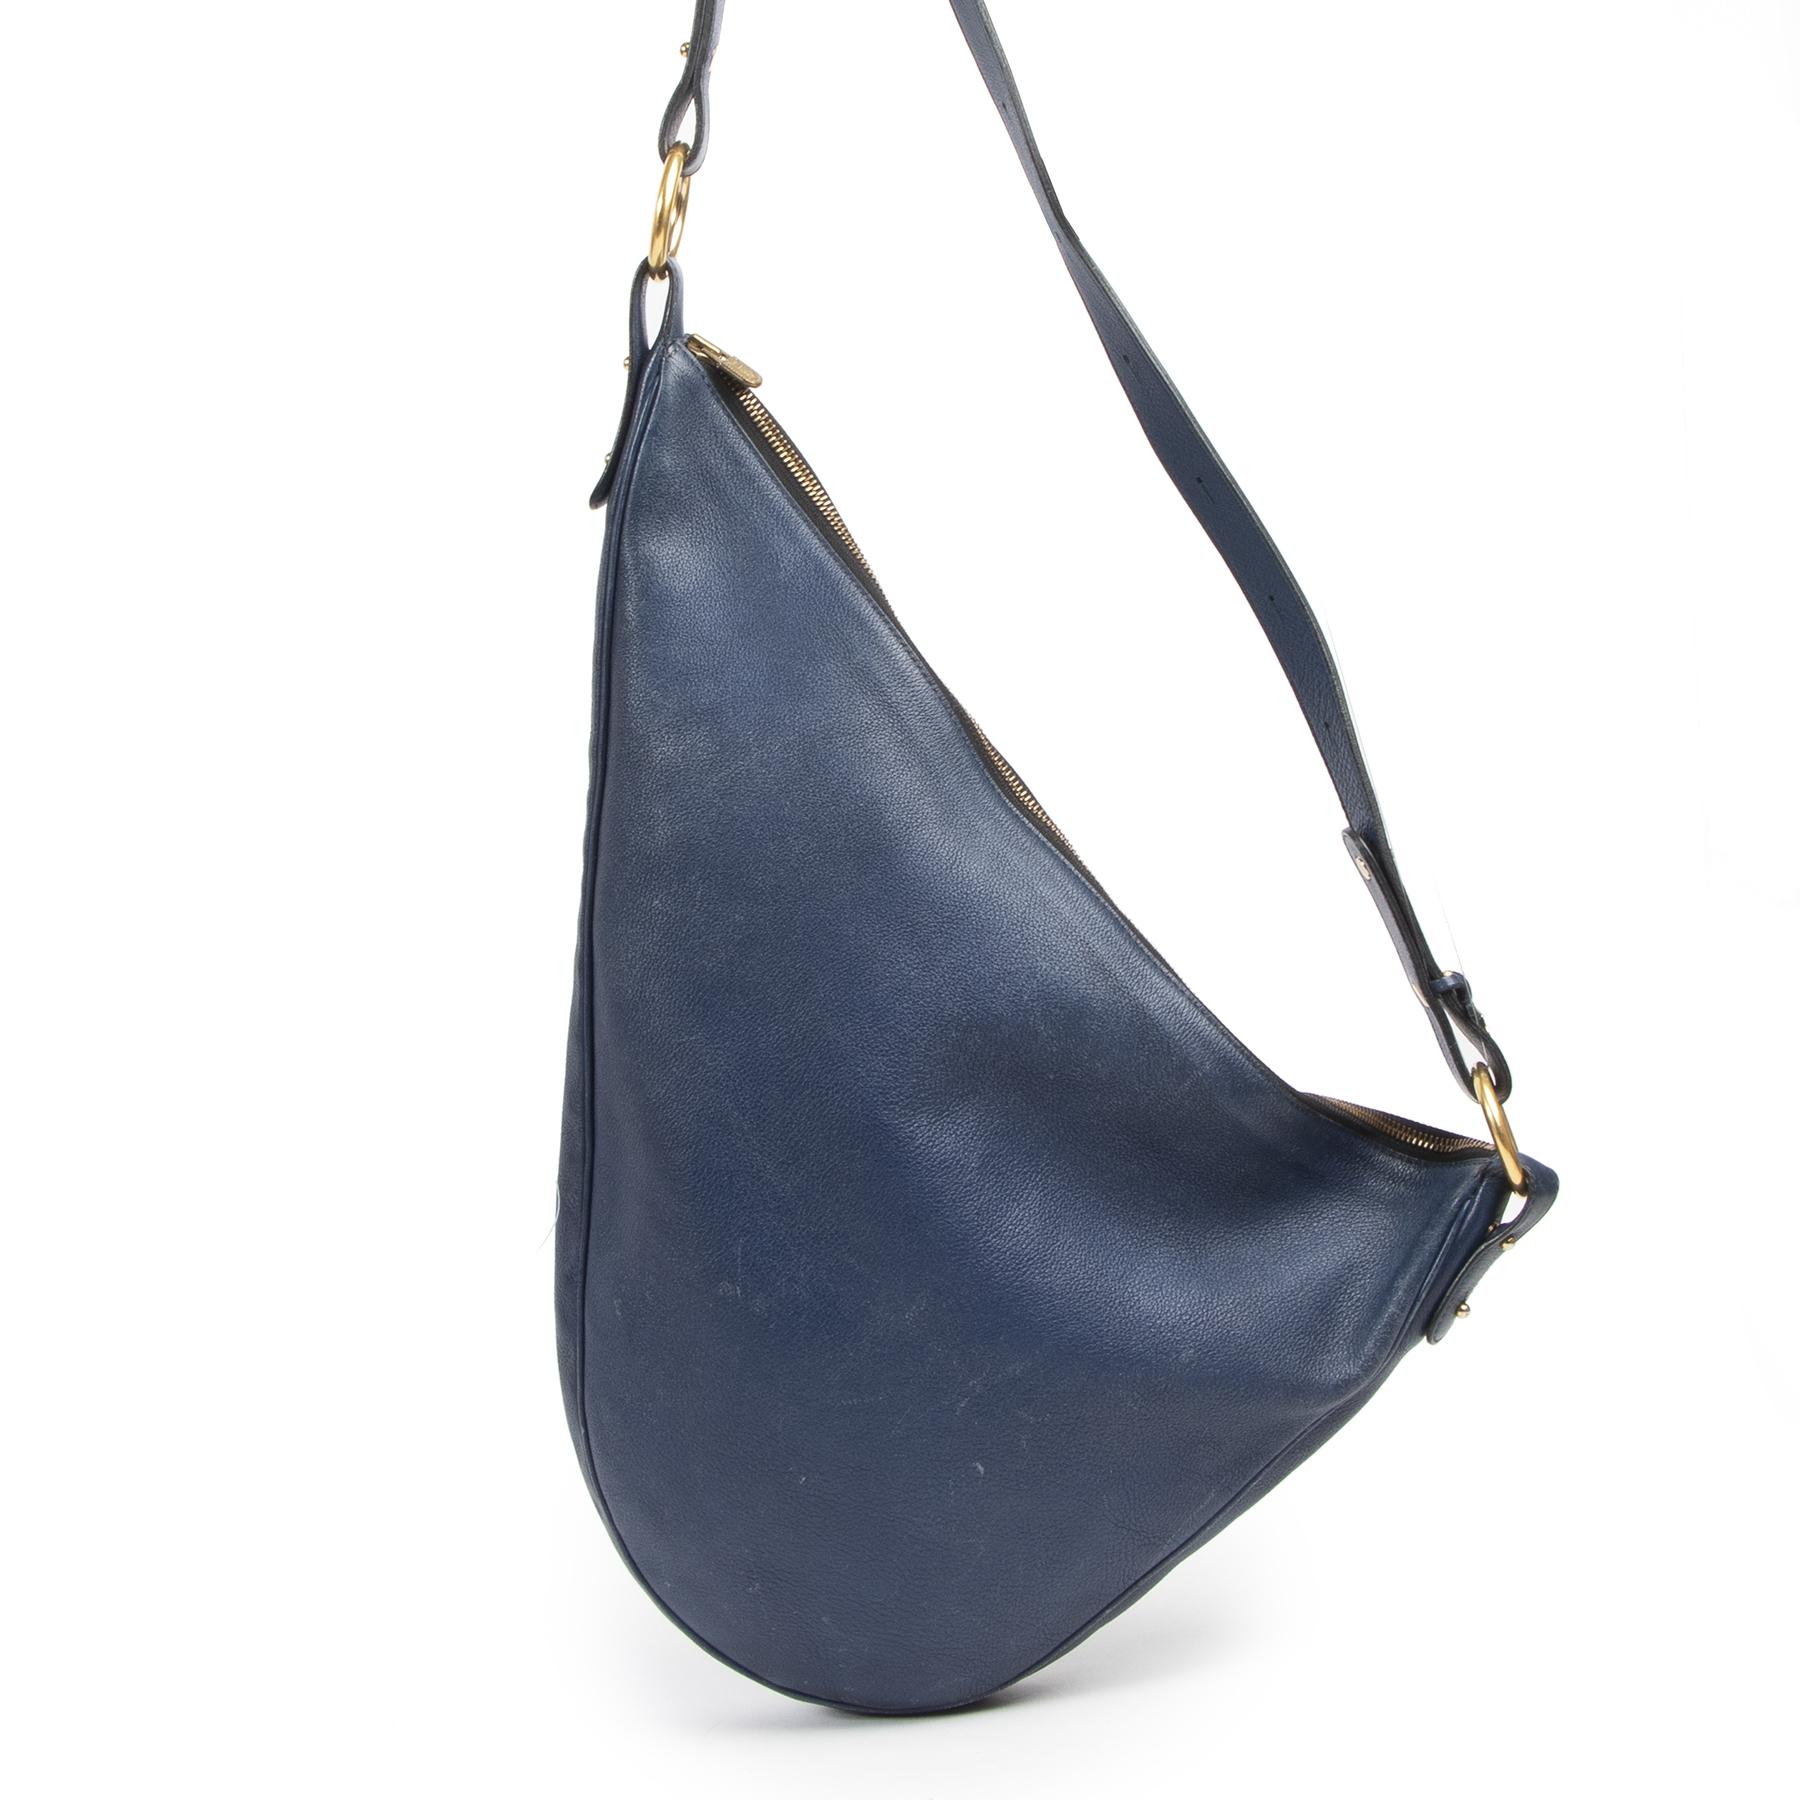 Authentieke Tweedehands Delvaux Blue Leather Sling Bag juiste prijs veilig online shoppen luxe merken webshop winkelen Antwerpen België mode fashion